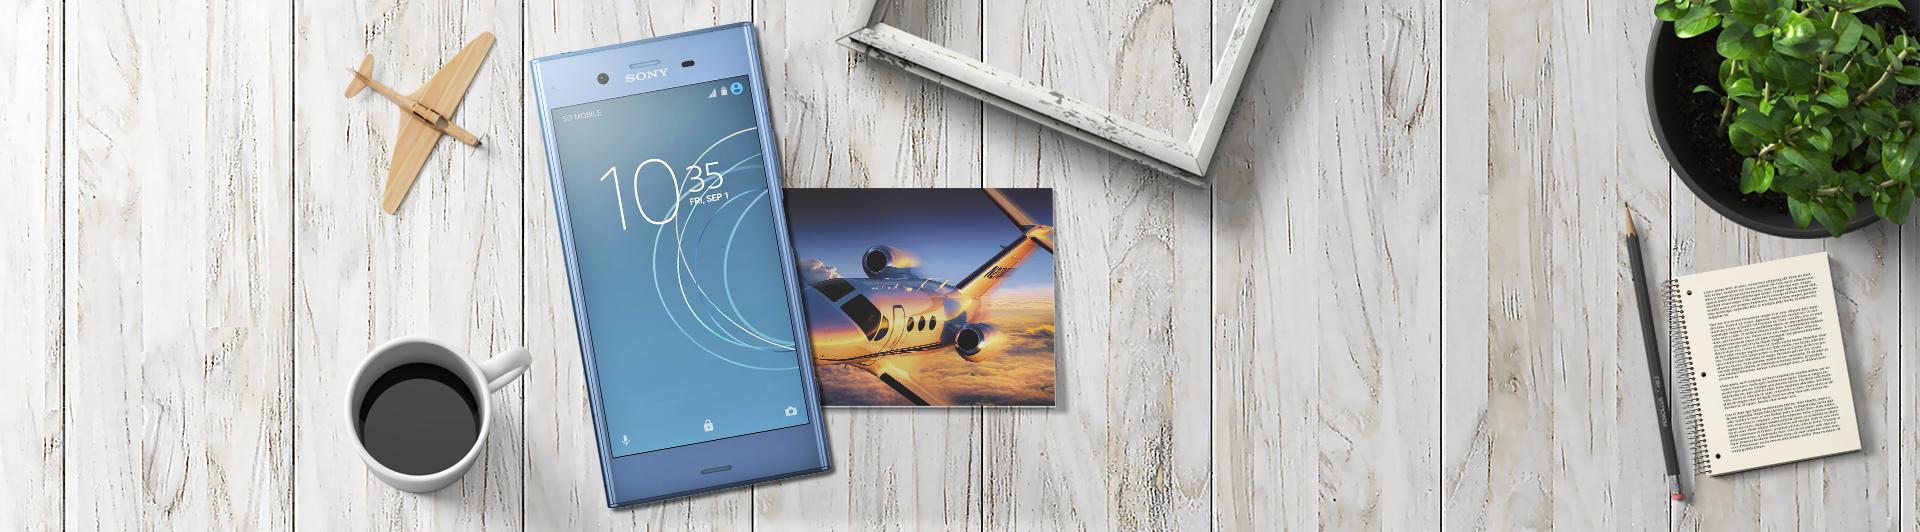 Điện thoại di dộng Sony Xperia XZ1 màu xanh dương giá tốt tại Nguyễn Kim